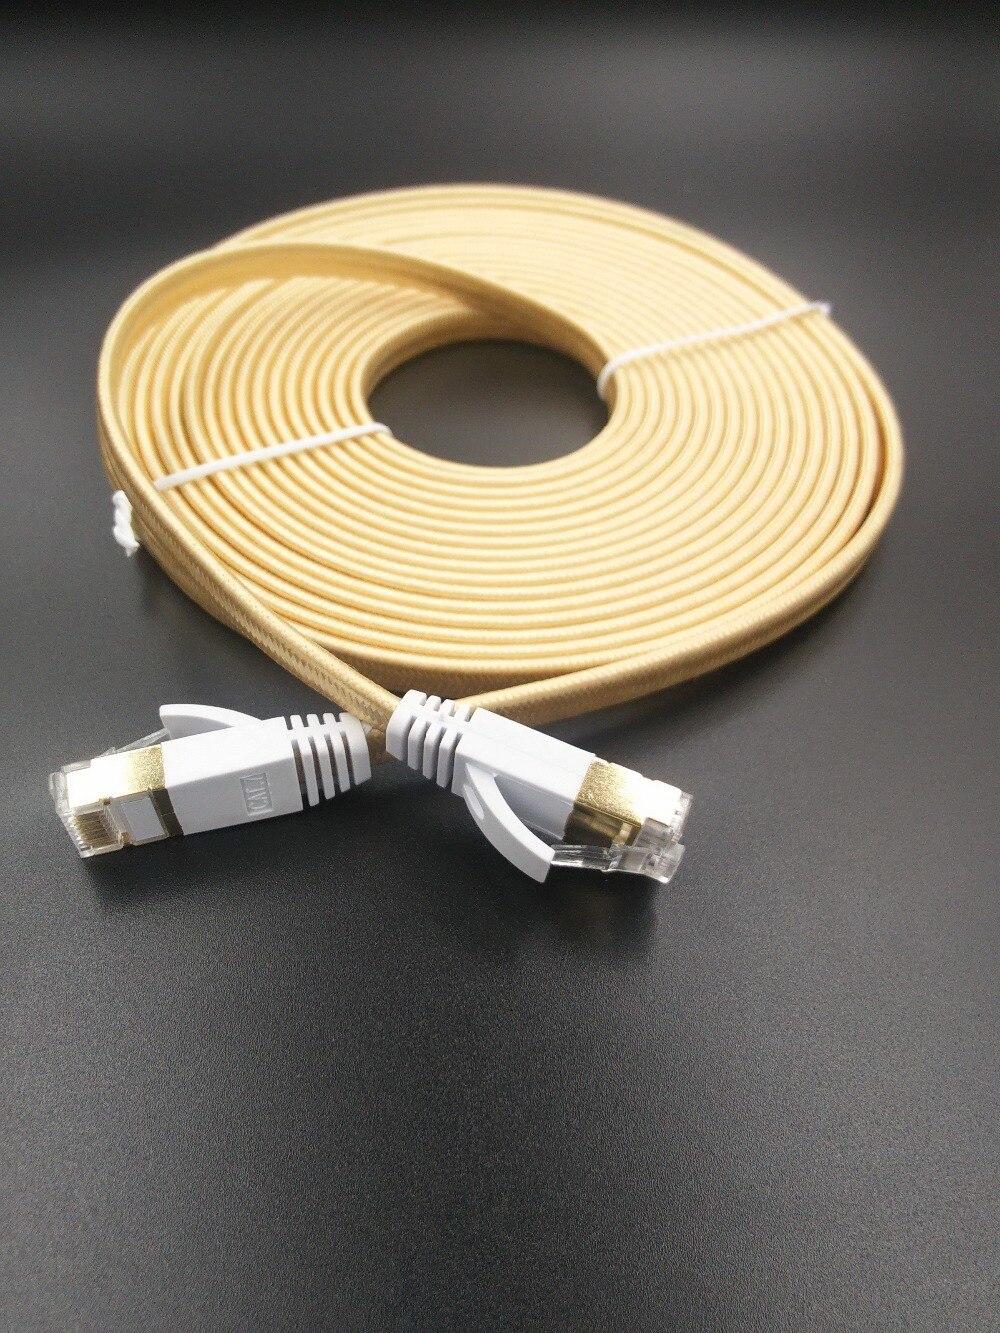 /charge Oder Farbe 0.5m1m1.5m2m 3 M, 5 M Kabel Rj45 Patch Ethernet Lan 10mcat7 Flache Kabel Router Switch Netzwerk Für Gold Überzogene